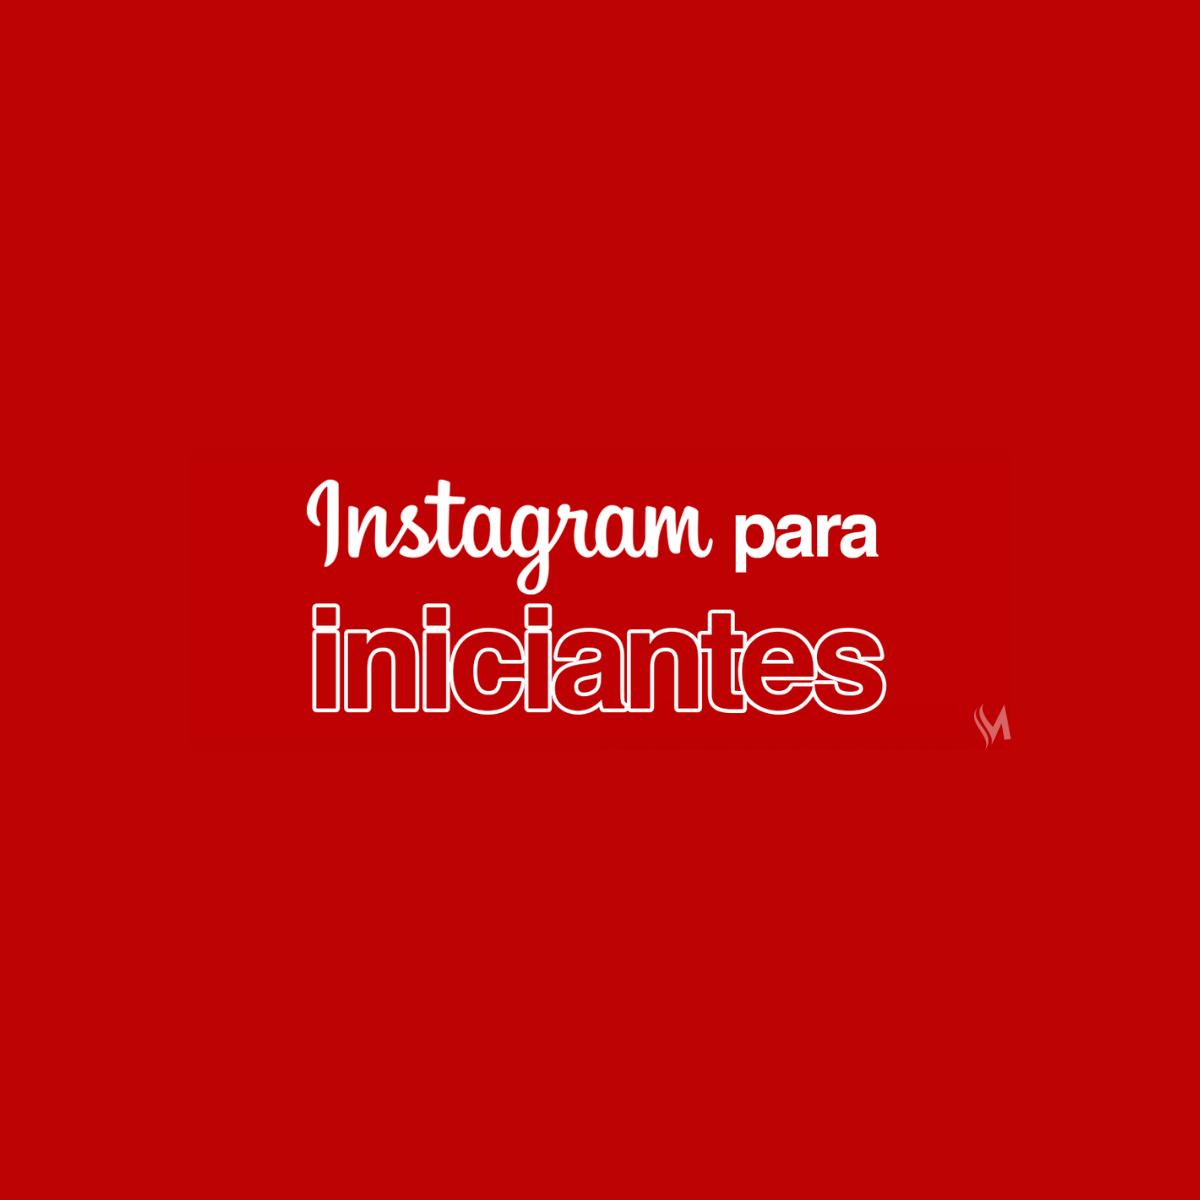 instagram-para-iniciantes